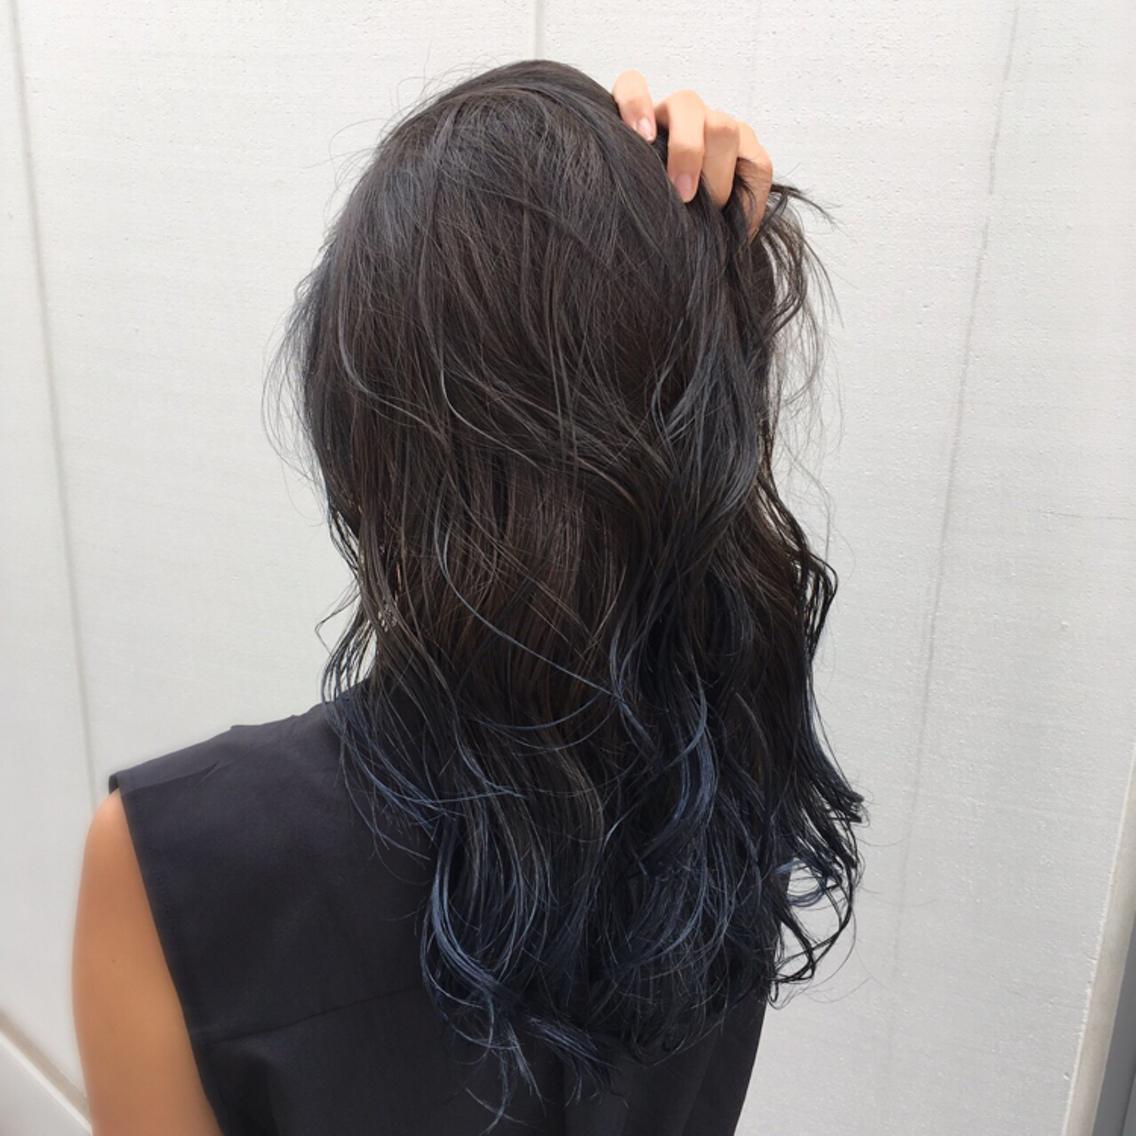 極上の技術とサービスで至福の時を提供します✨髪の悩みなんでもご相談ください❗️